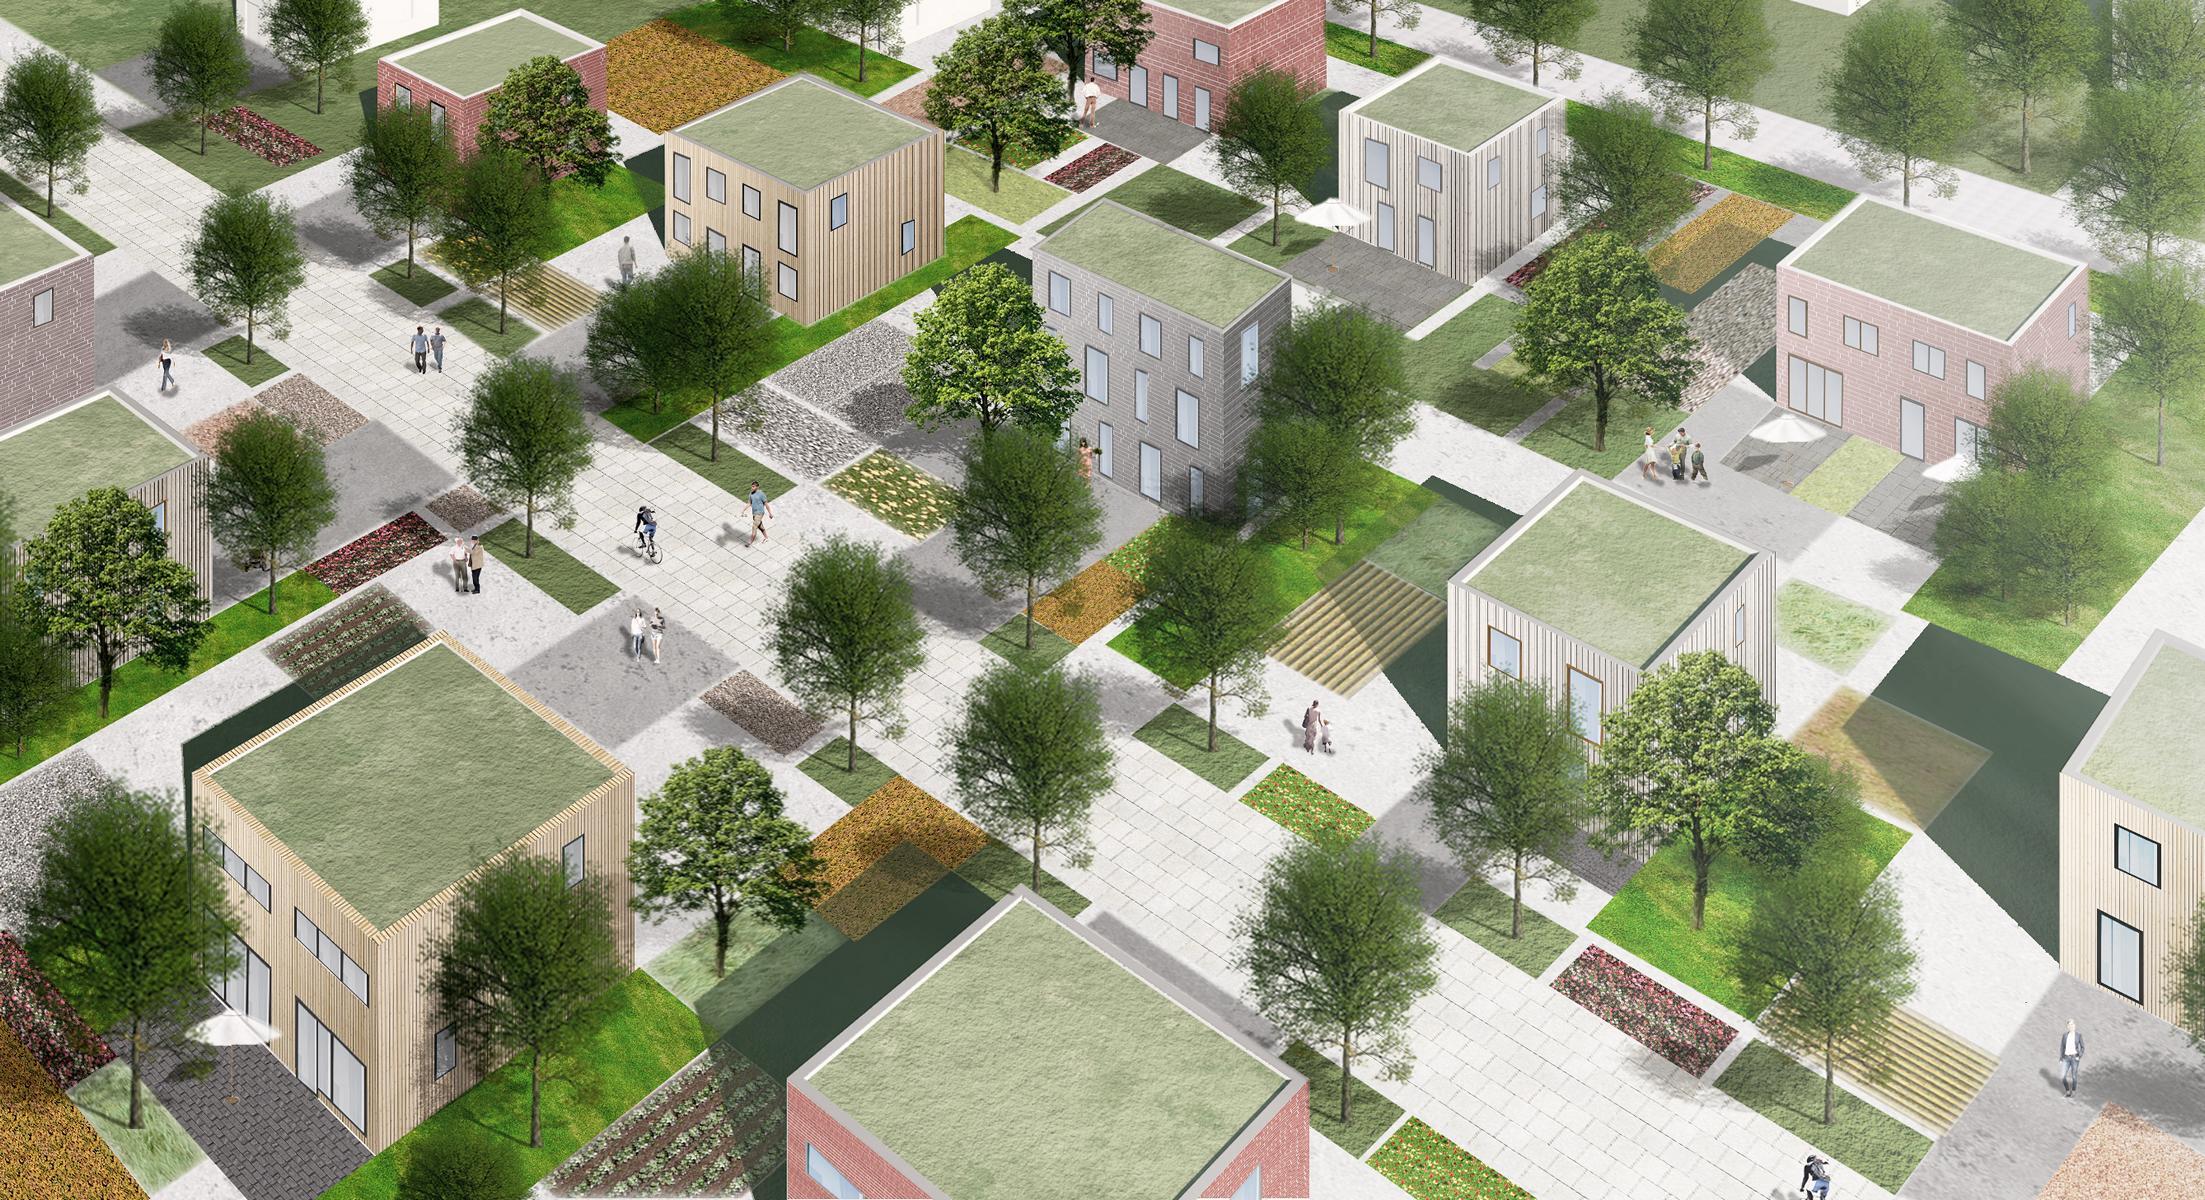 Modell Perspektive Einfamilienhaus Doppelhaus Vogelperspektive